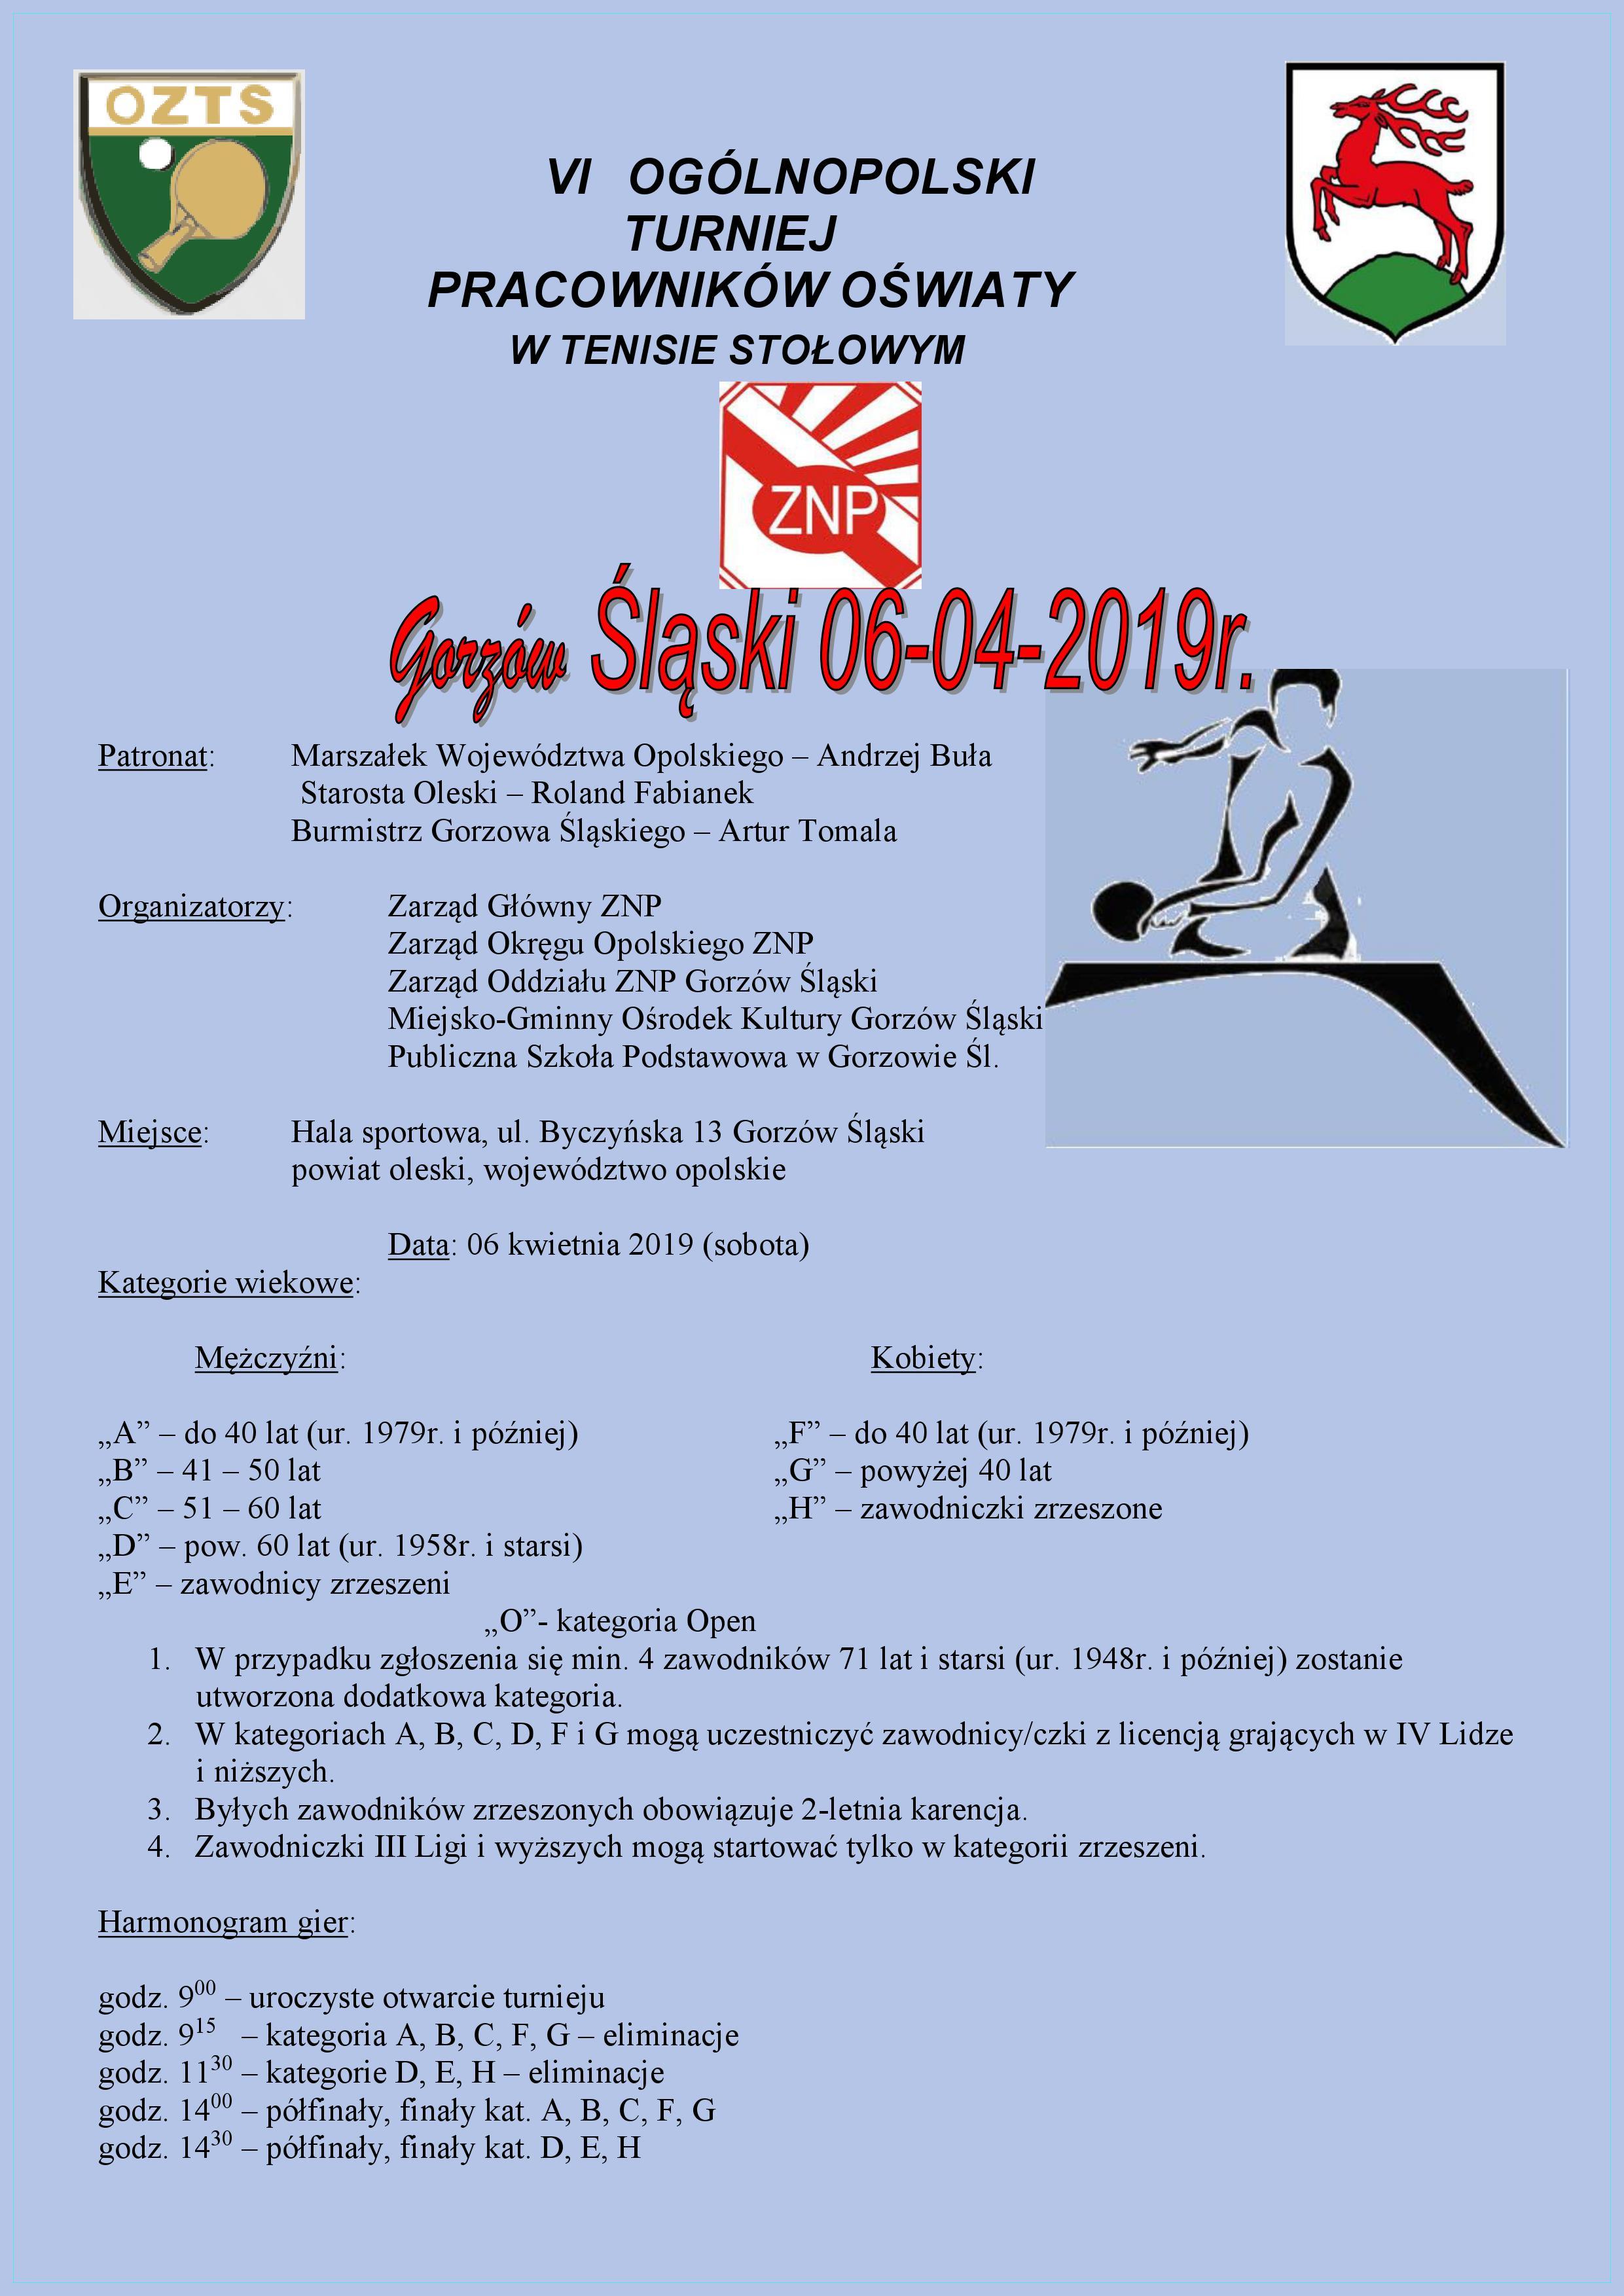 Plakat turnieju VI Ogólnopolski Turniej Nauczycieli i Pracowników Oświaty w Tenisie Stołowym